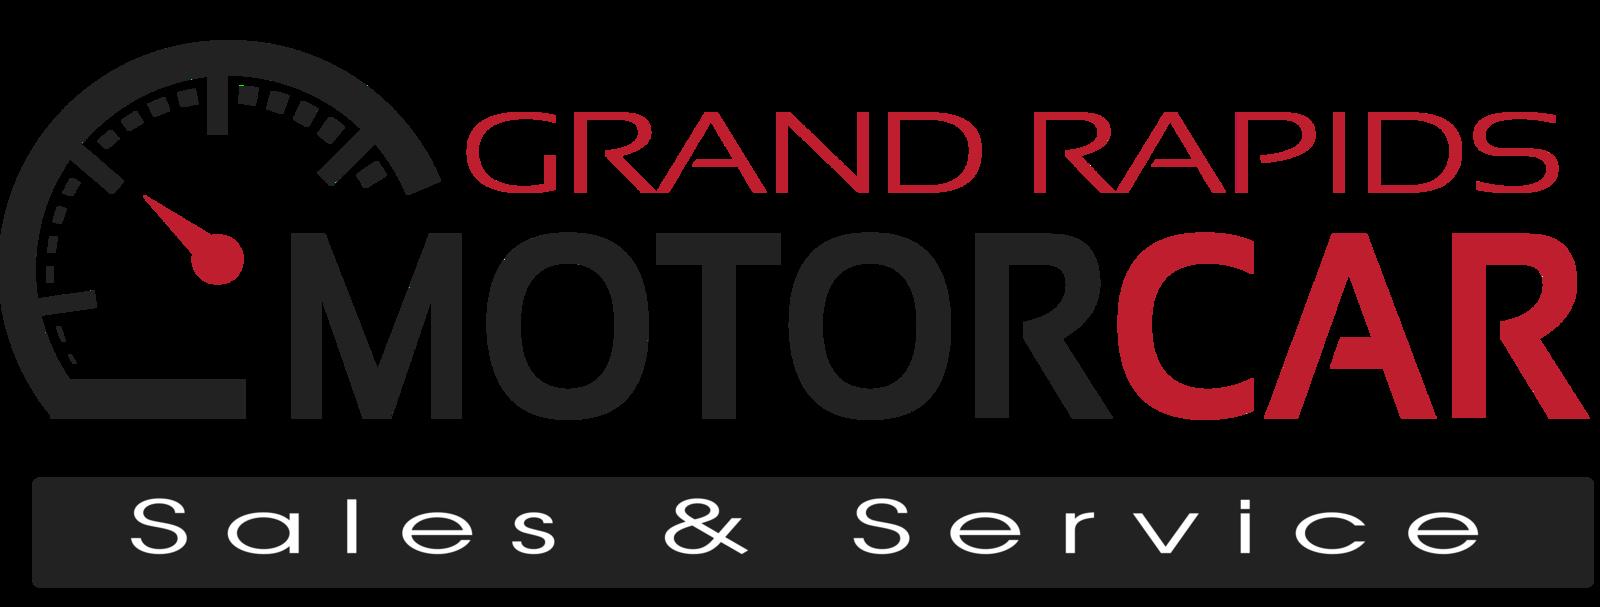 Grand rapids motorcar grand rapids mi read consumer for Grand rapids motor car